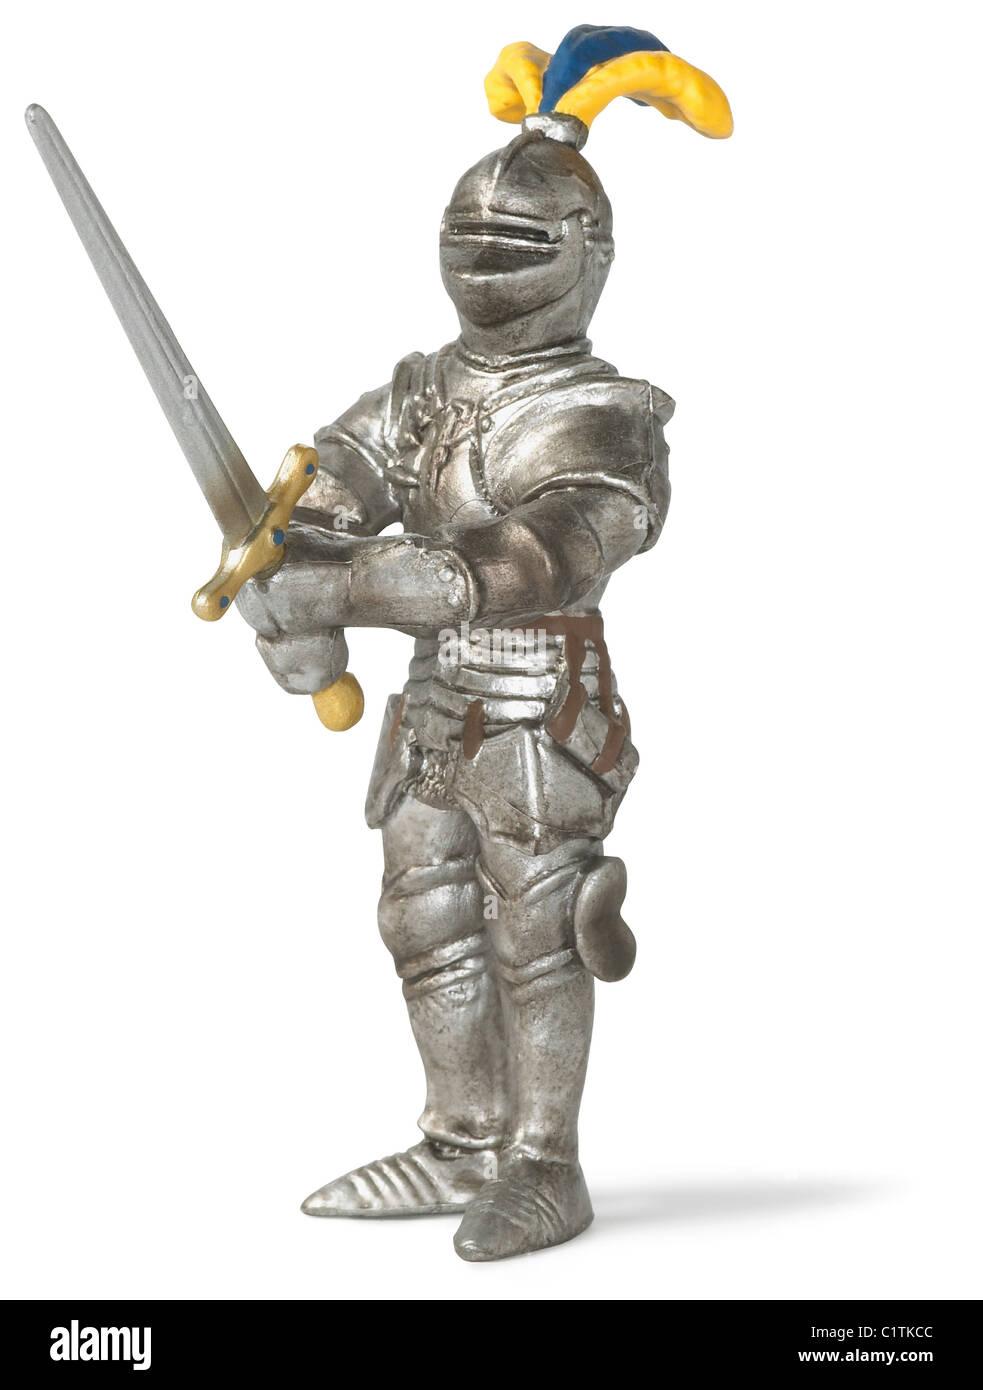 Cavaliere medievale in shining armor isolato su bianco con tracciato di ritaglio Immagini Stock